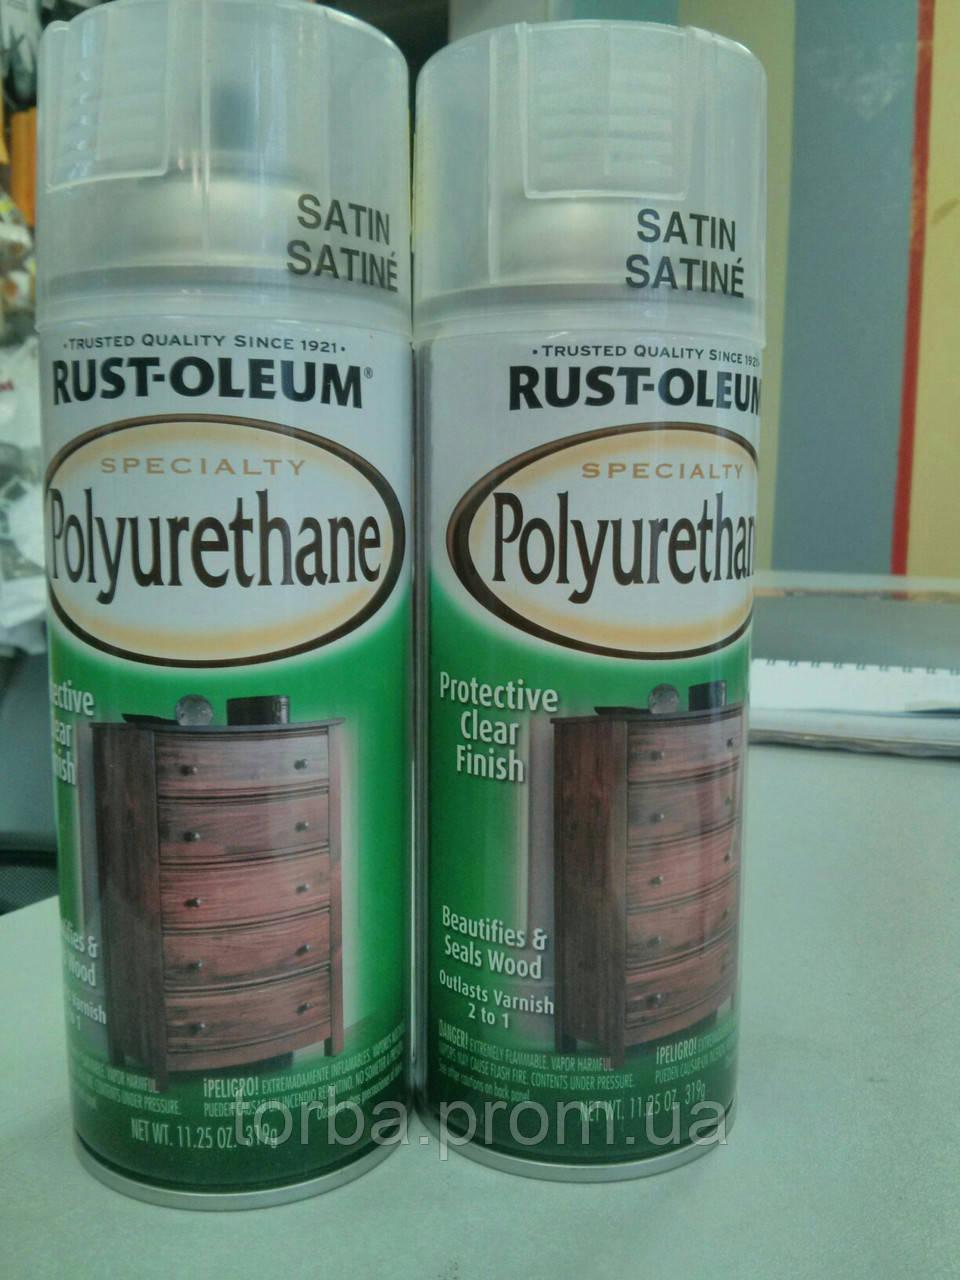 Продажа полиуретановый лак сша холодная асфальтовая мастика брэм-цили ии-20